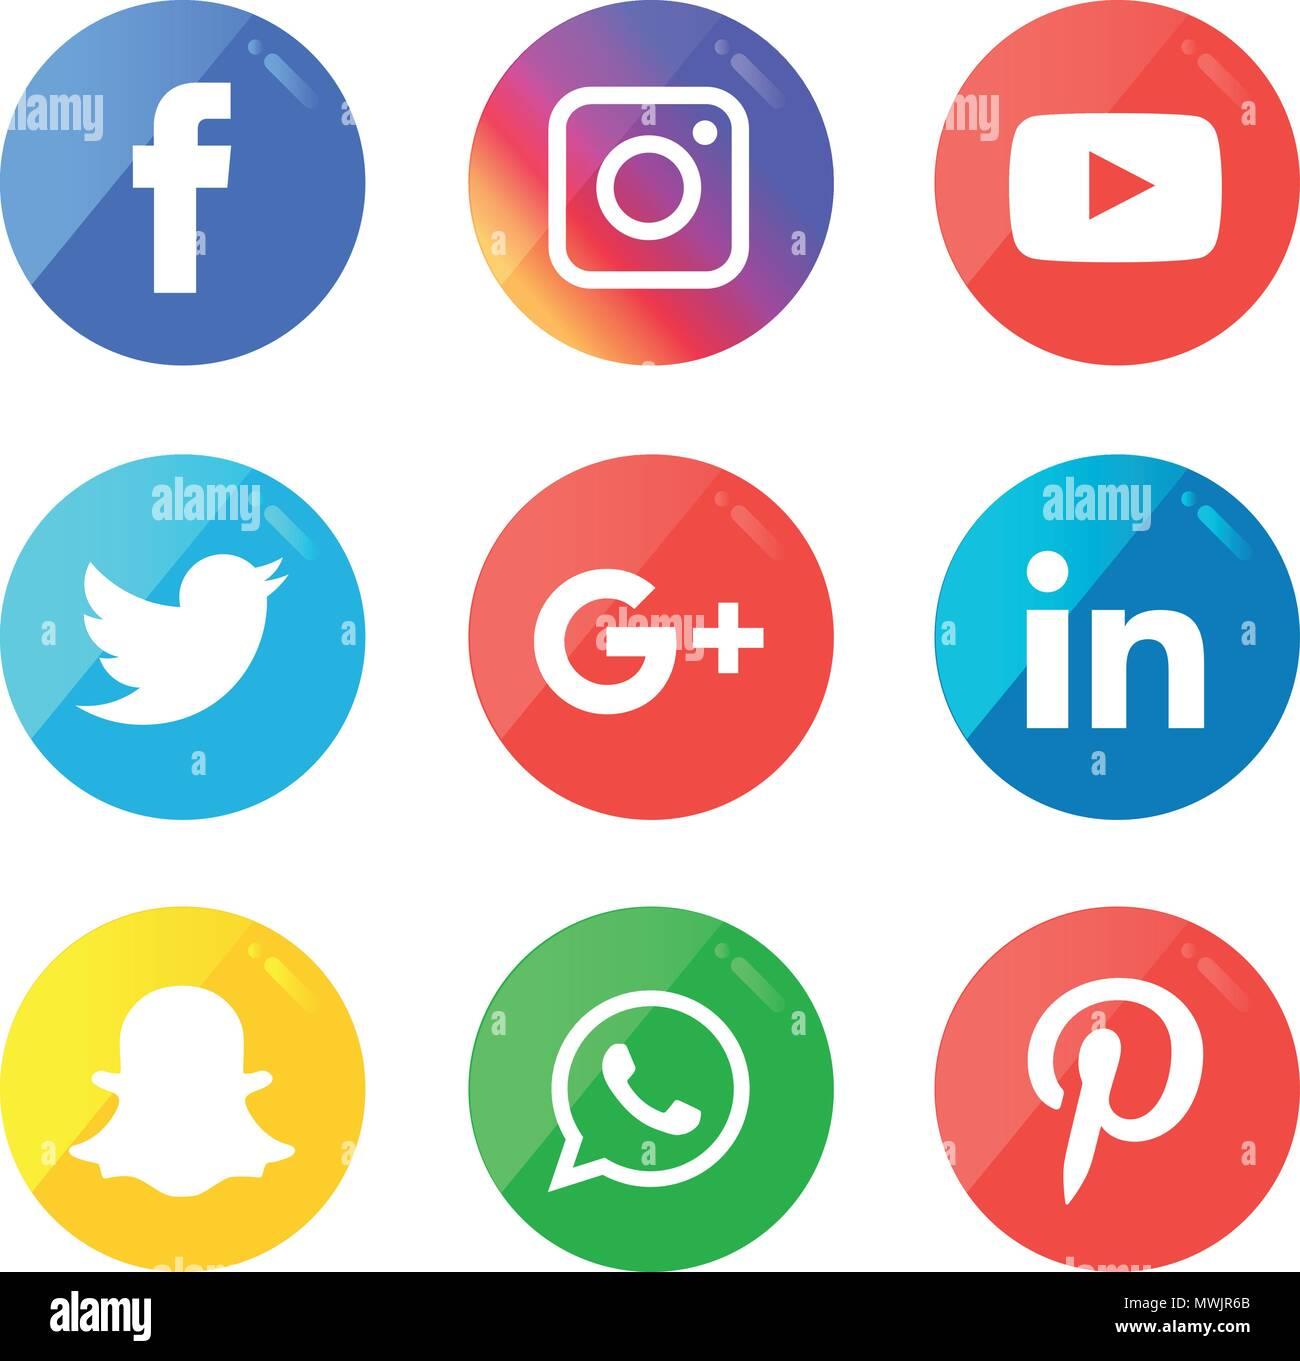 Iconos De Medios Sociales Vector Logo Illustrator Facebook